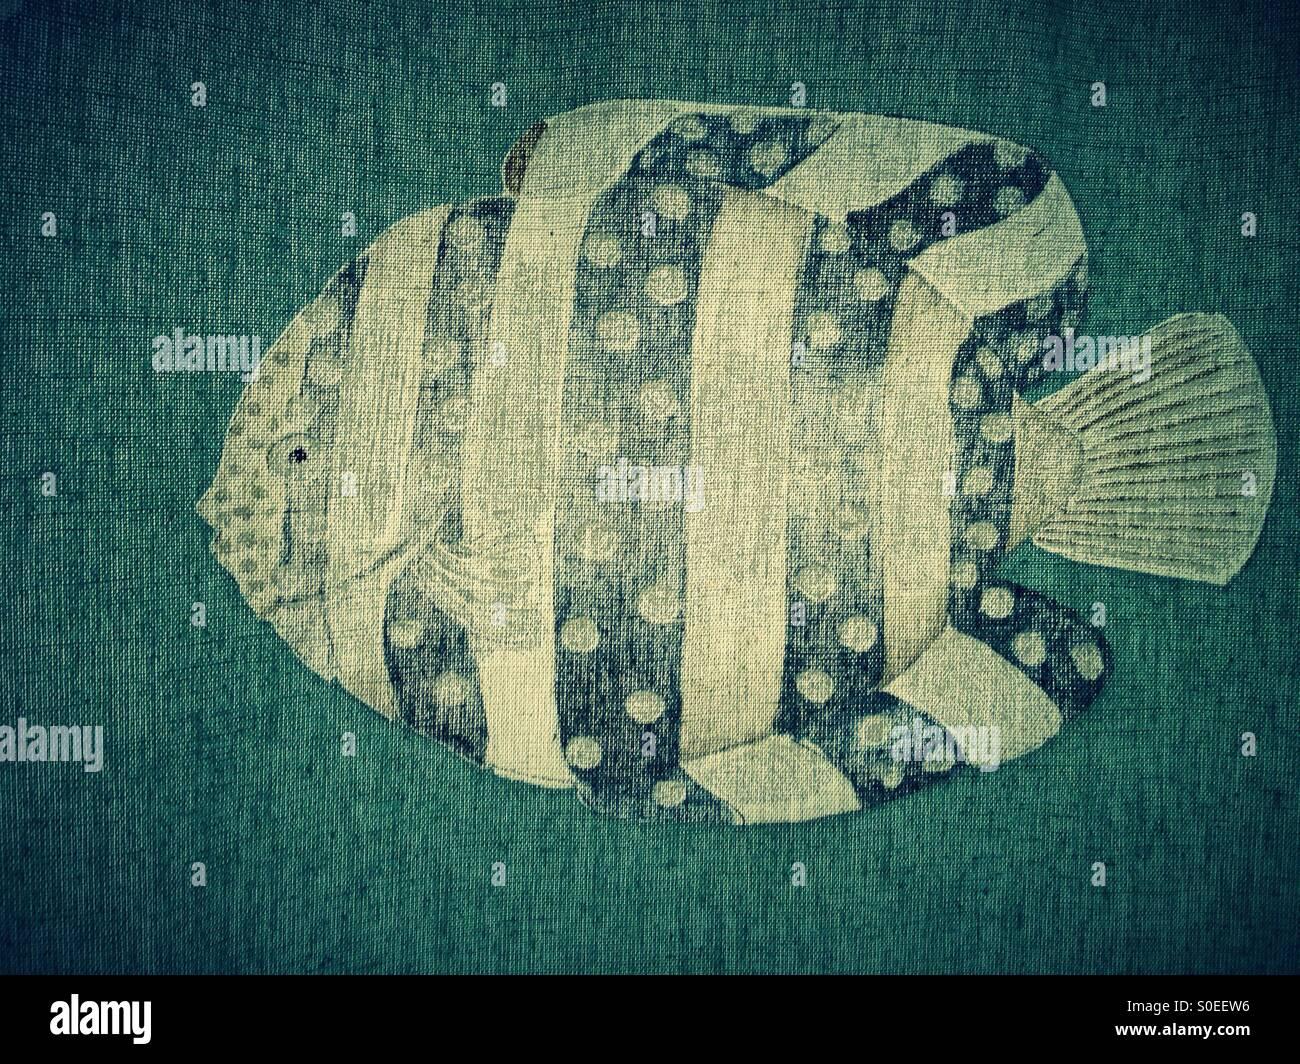 Fisch auf einen grünen Vorhang Stockbild